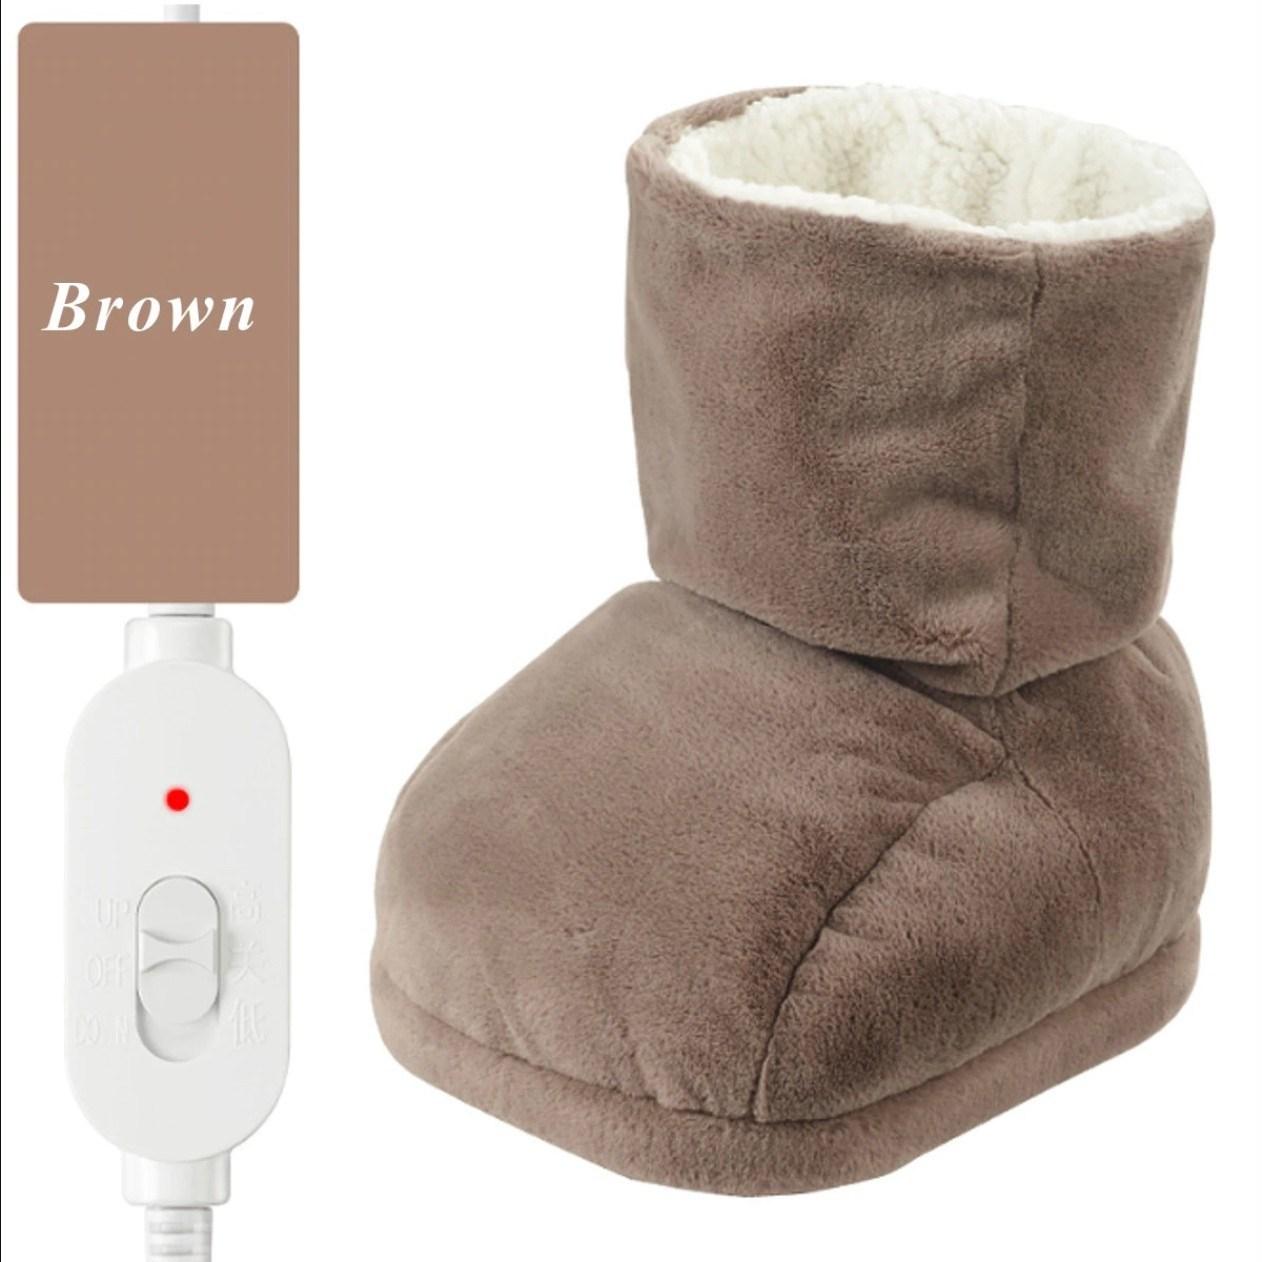 A9 발온열기 풋워머 발찜질기 전기 사무실 발난로, Brown